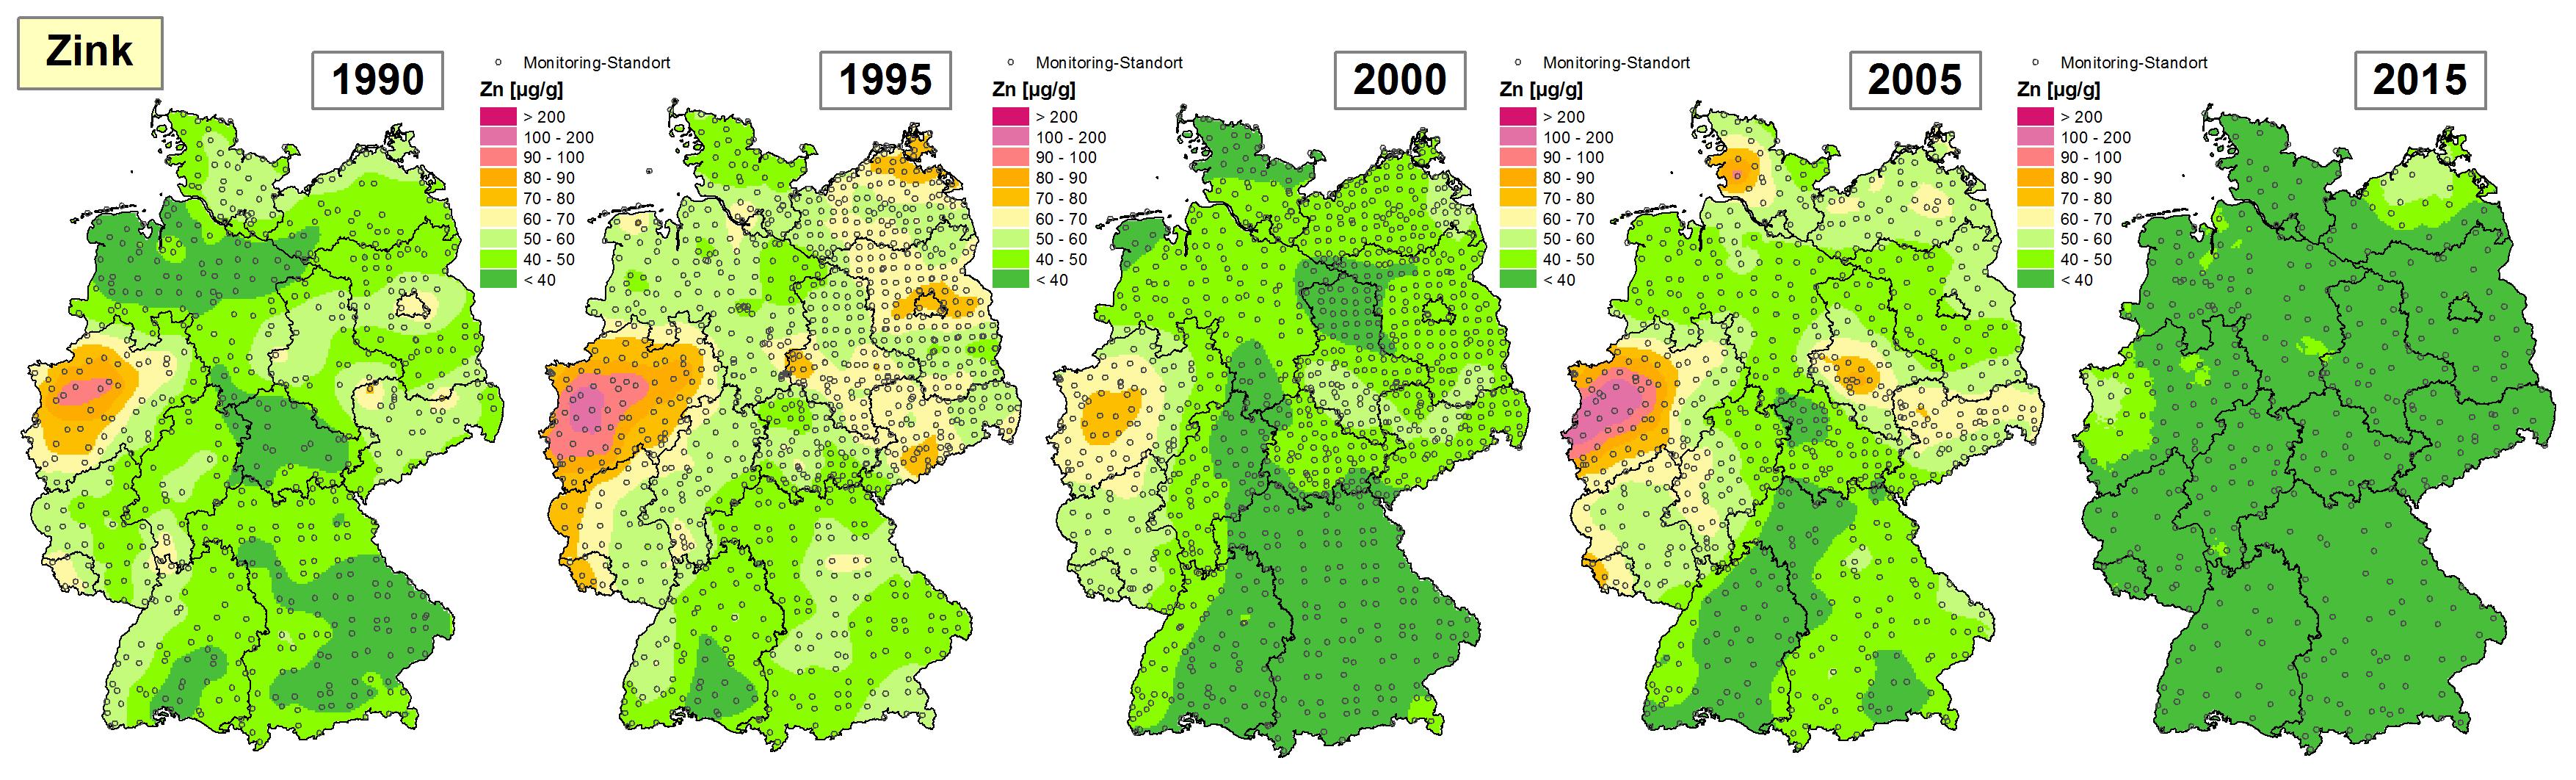 Die Grafik zeigt die Höhe der Bioakkumulation von Zink und Entwicklung dieser Konzentration von 1990 bis 2015/16 in Deutschland.